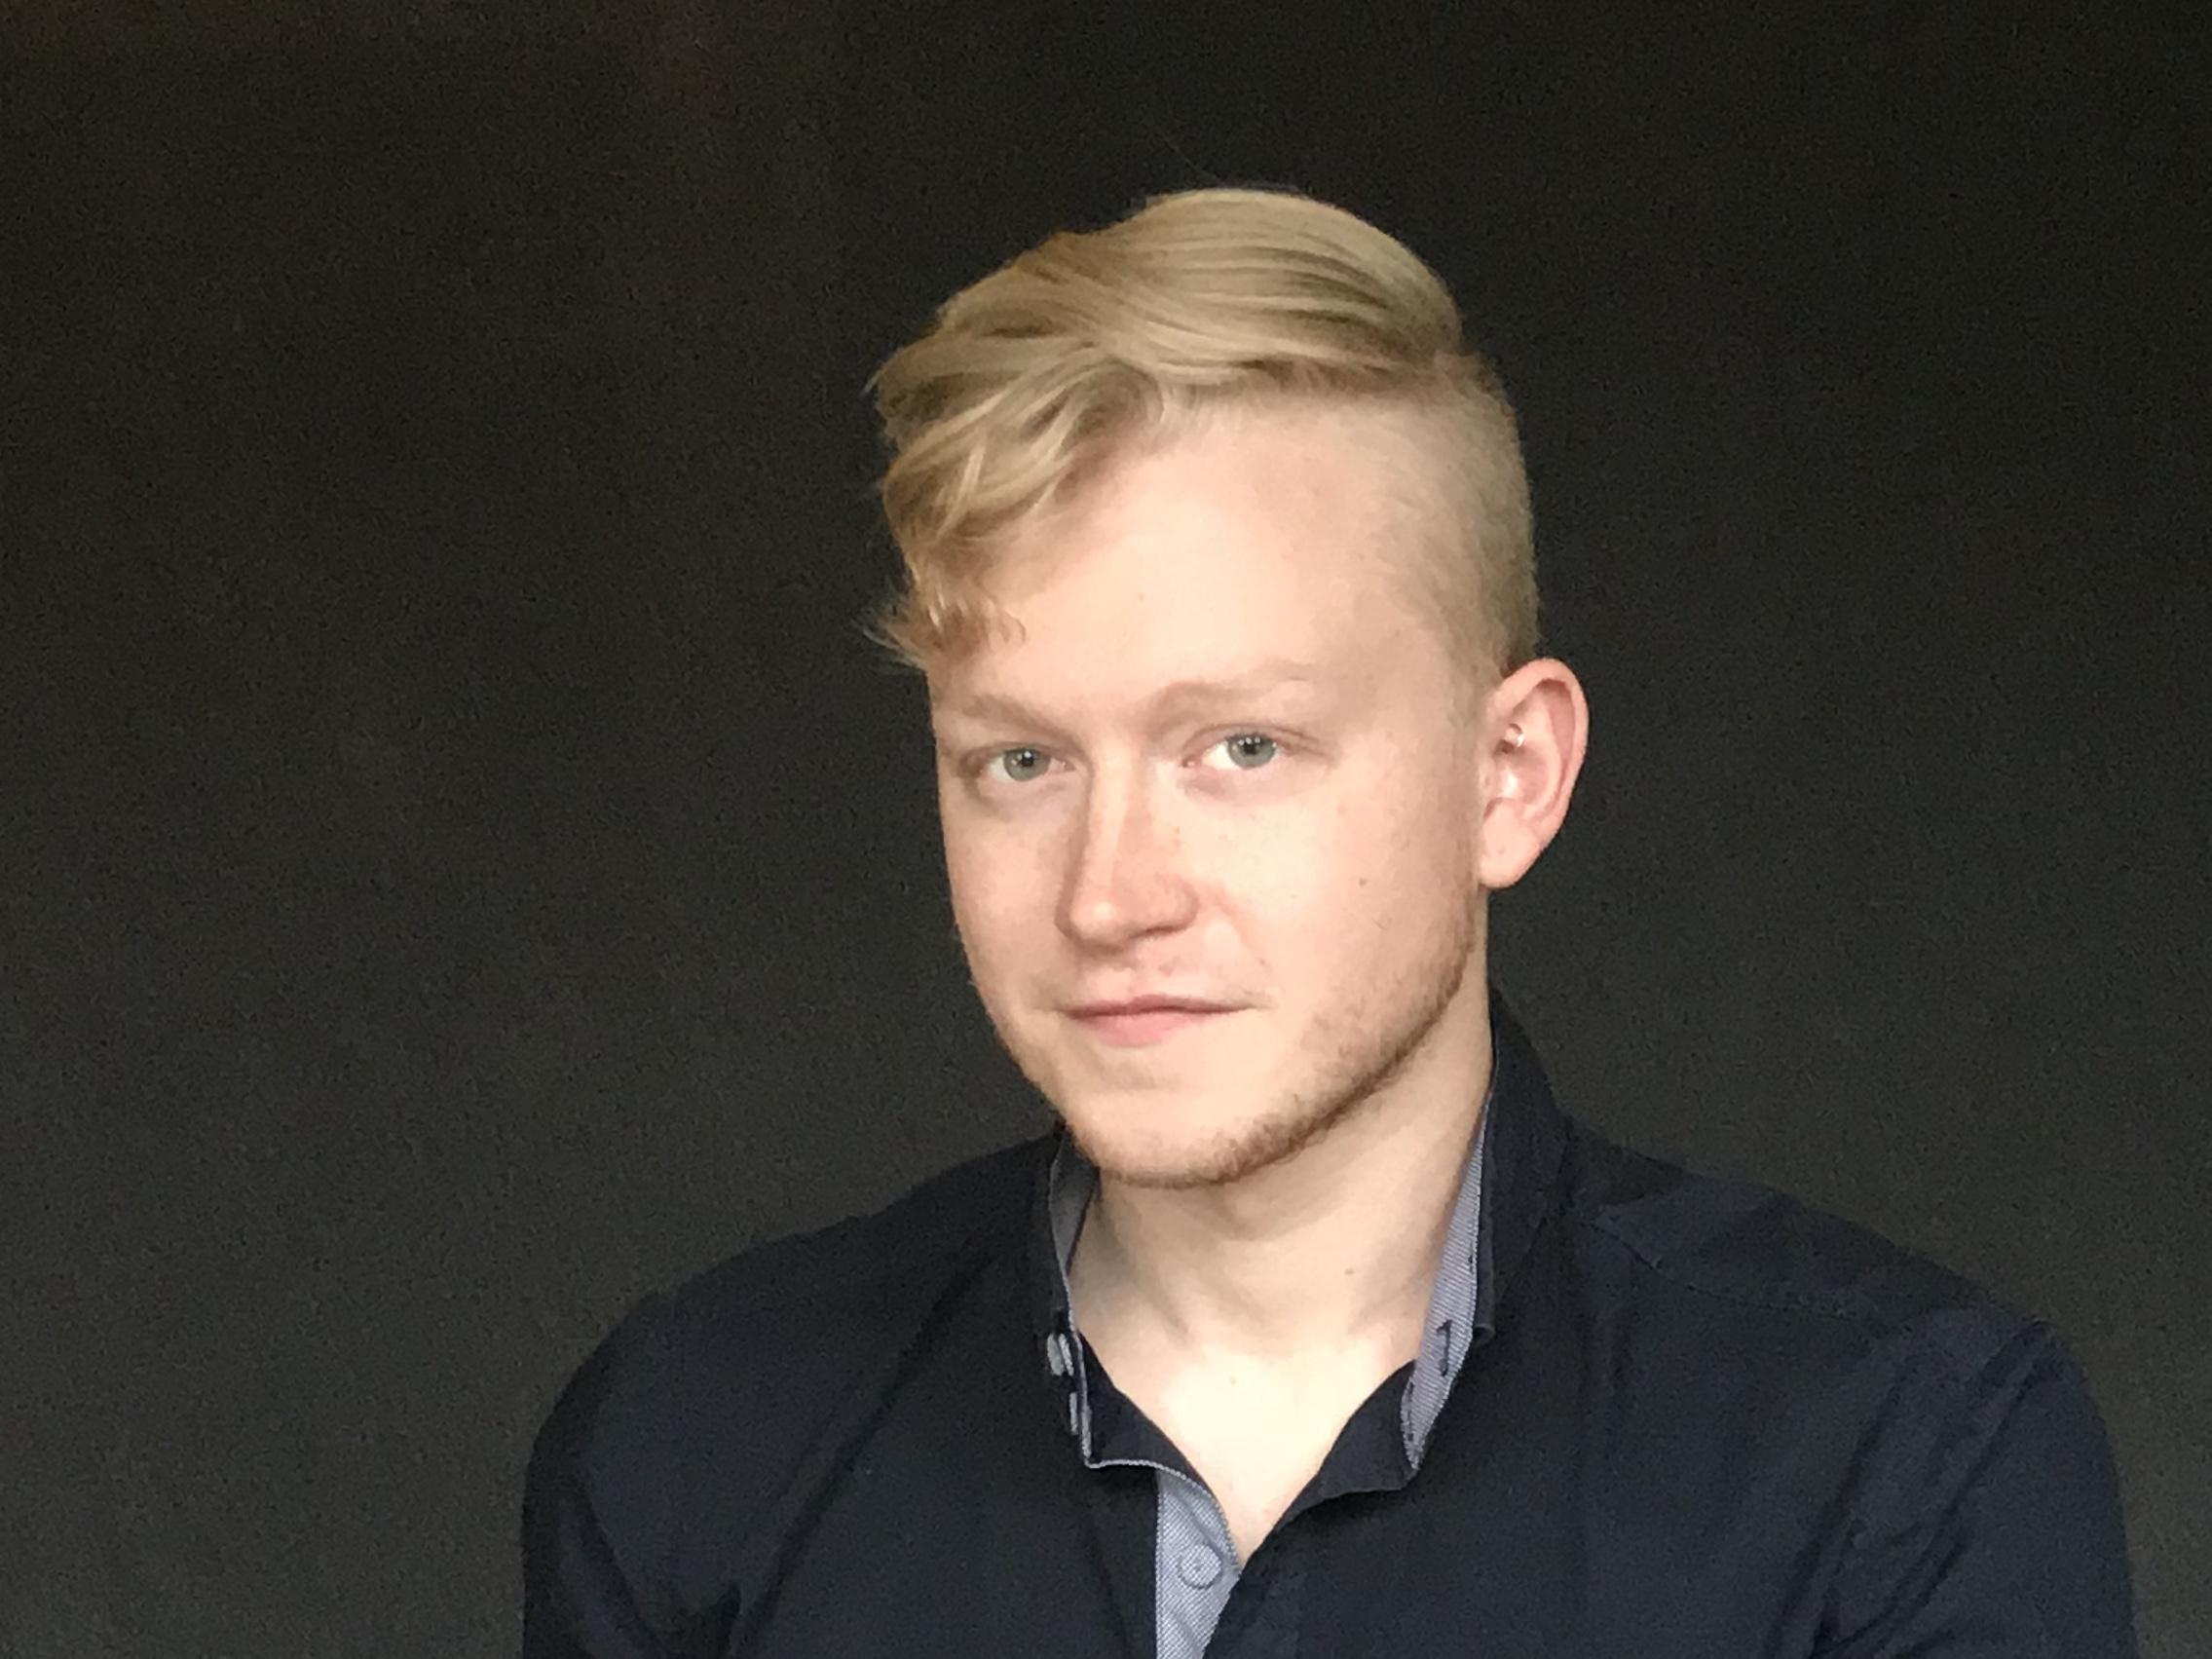 Nathan Kistler Headshot.JPG